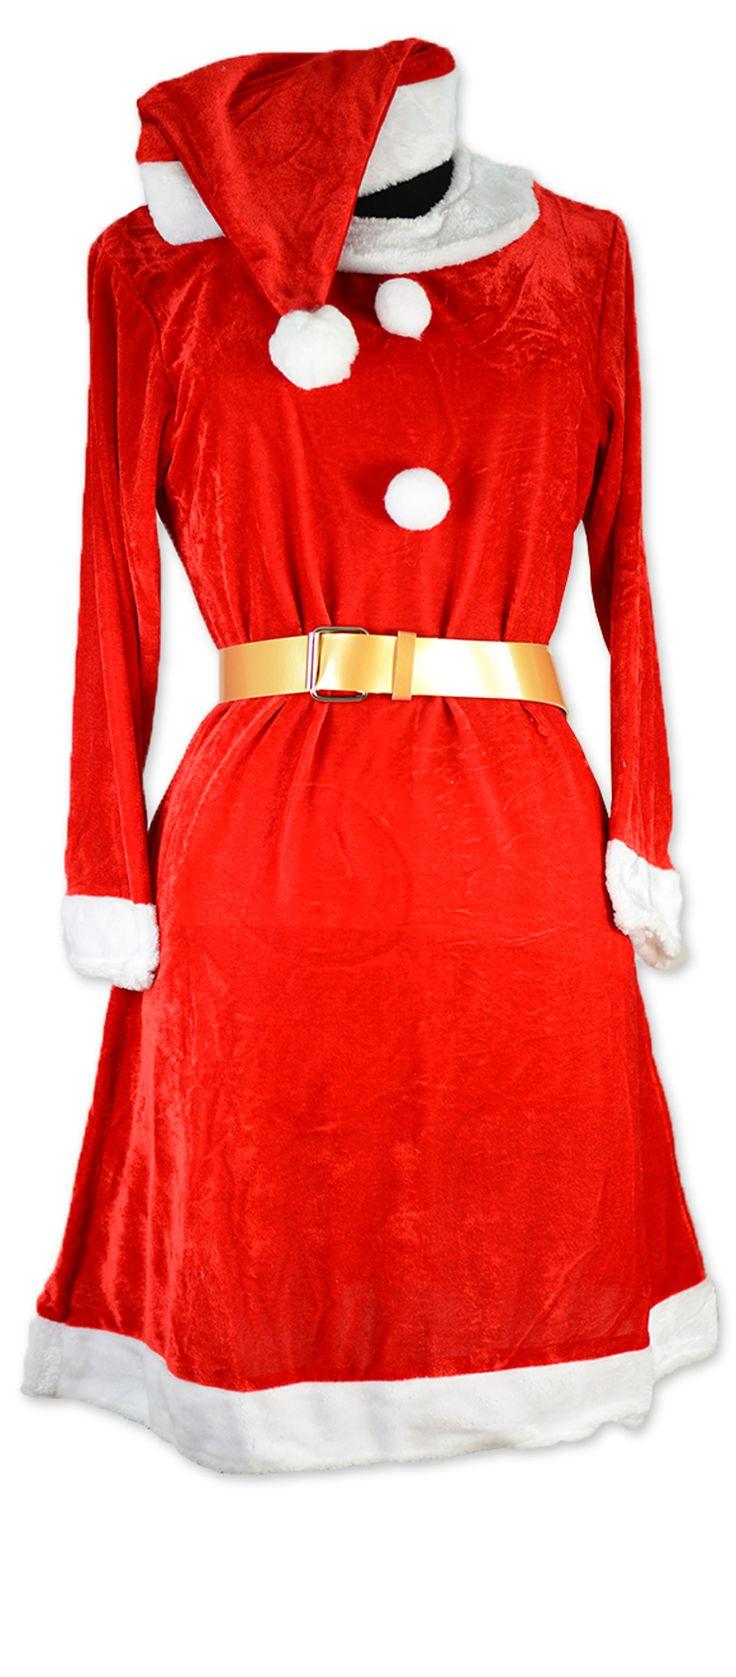 Découvrez nos modèles Noël : http://www.lingerie-grossiste.fr/lingerie-de-fetes_c_83.html